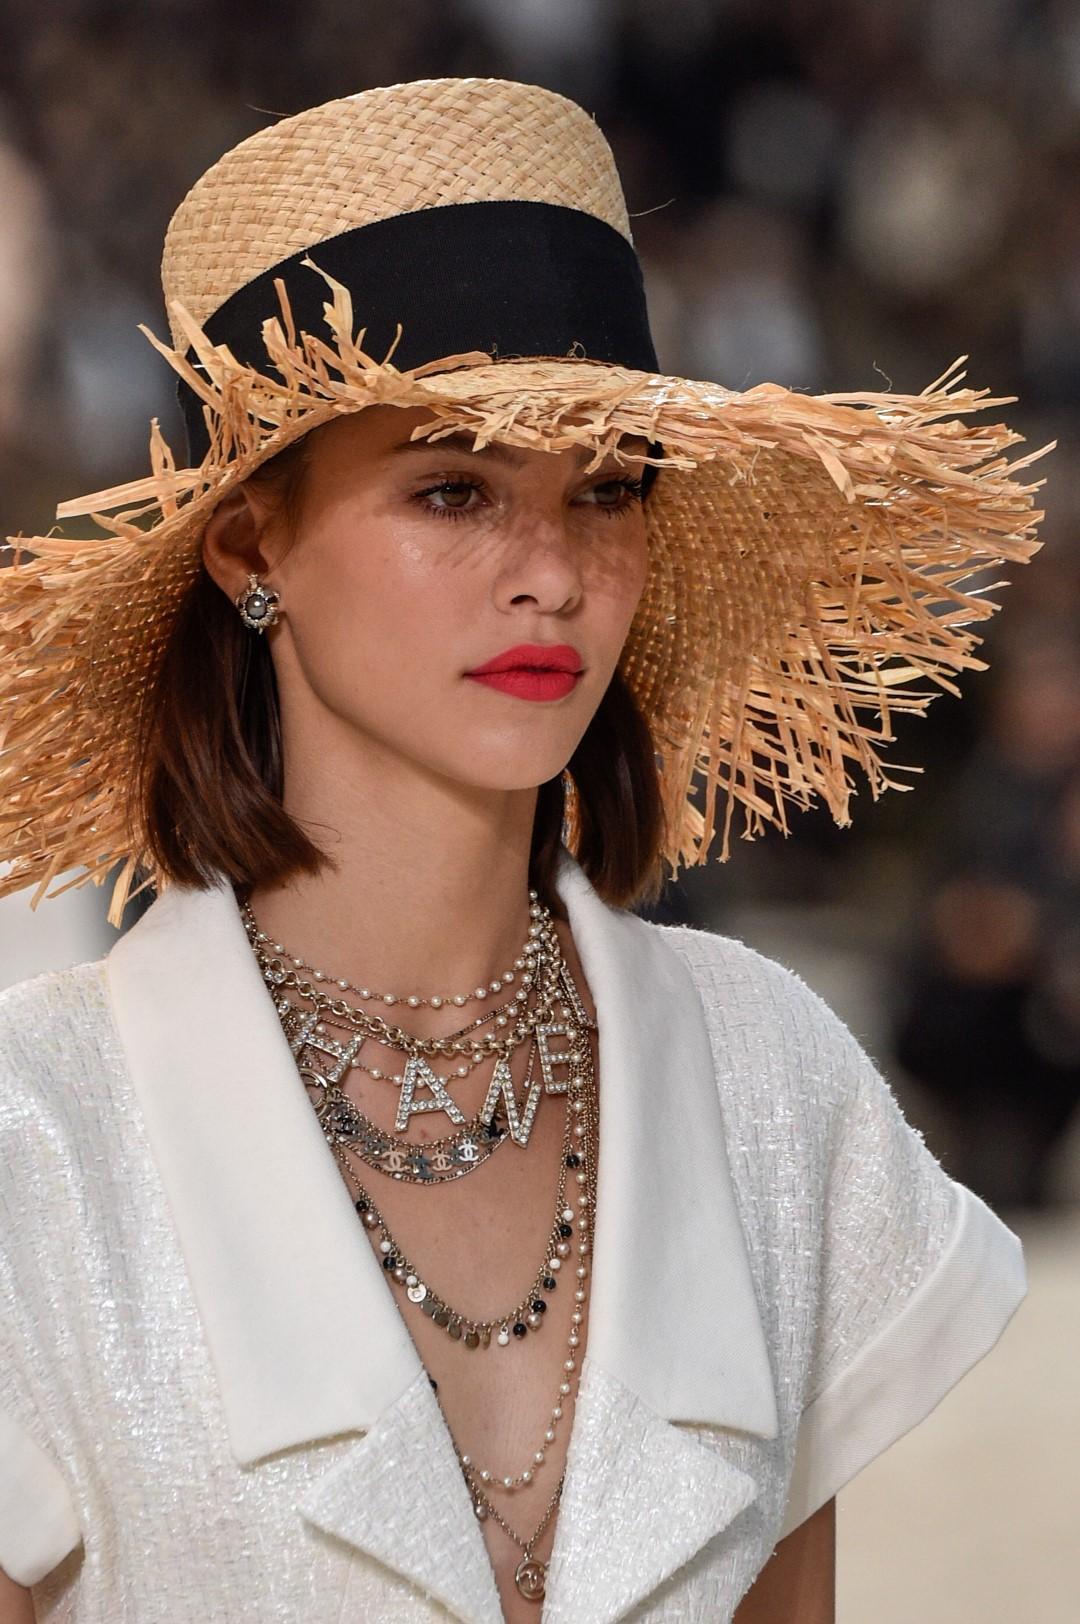 Cappelli di paglia, fiori tra i capelli, foulard: i trend dell'estate